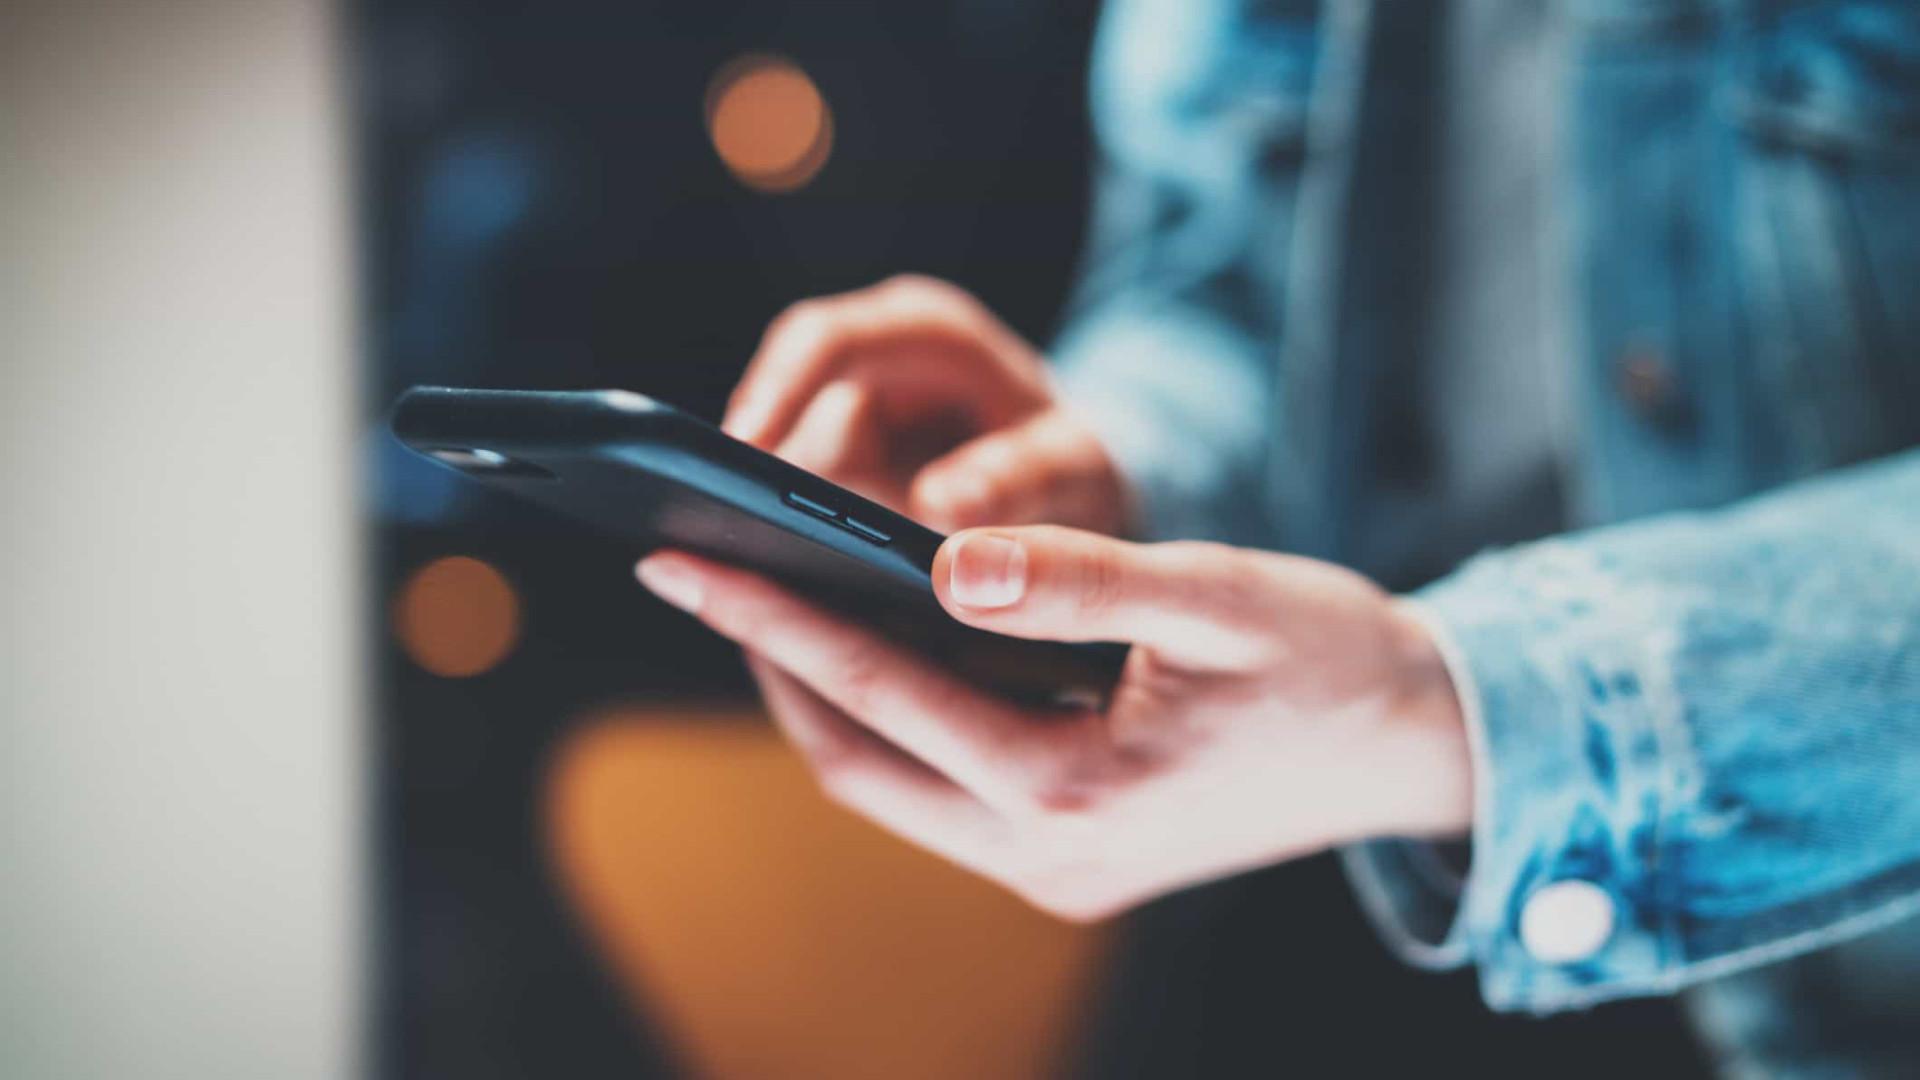 SMS da Proteção Civil recebido por 10,5 milhões de pessoas